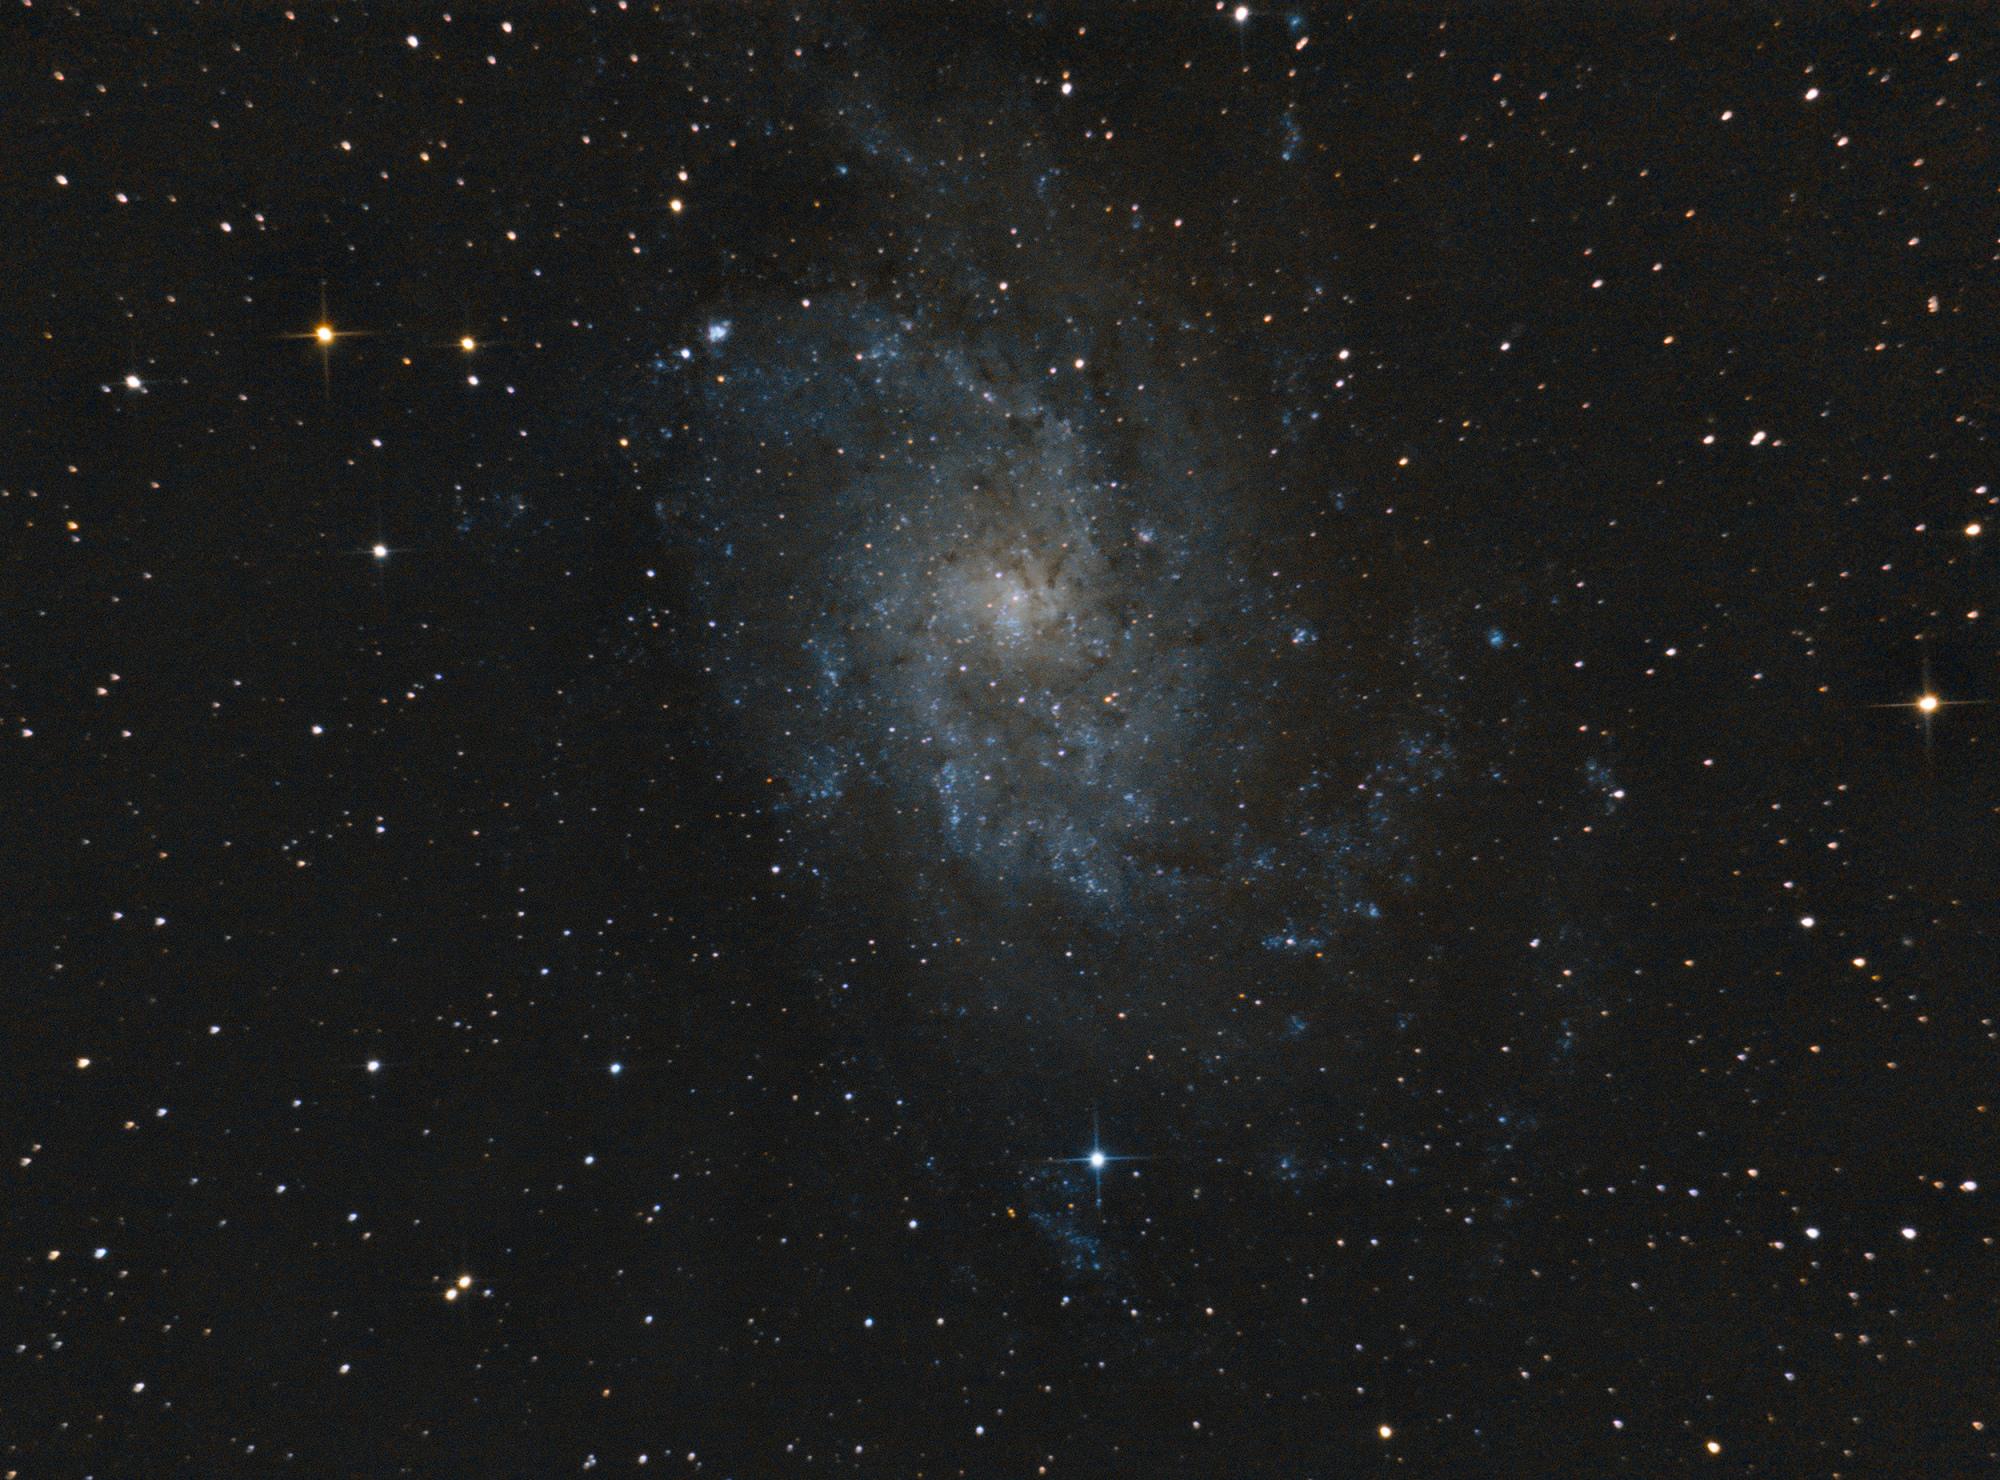 M33.thumb.jpg.4913924127b99a69a0a1dd69d91839fd.jpg